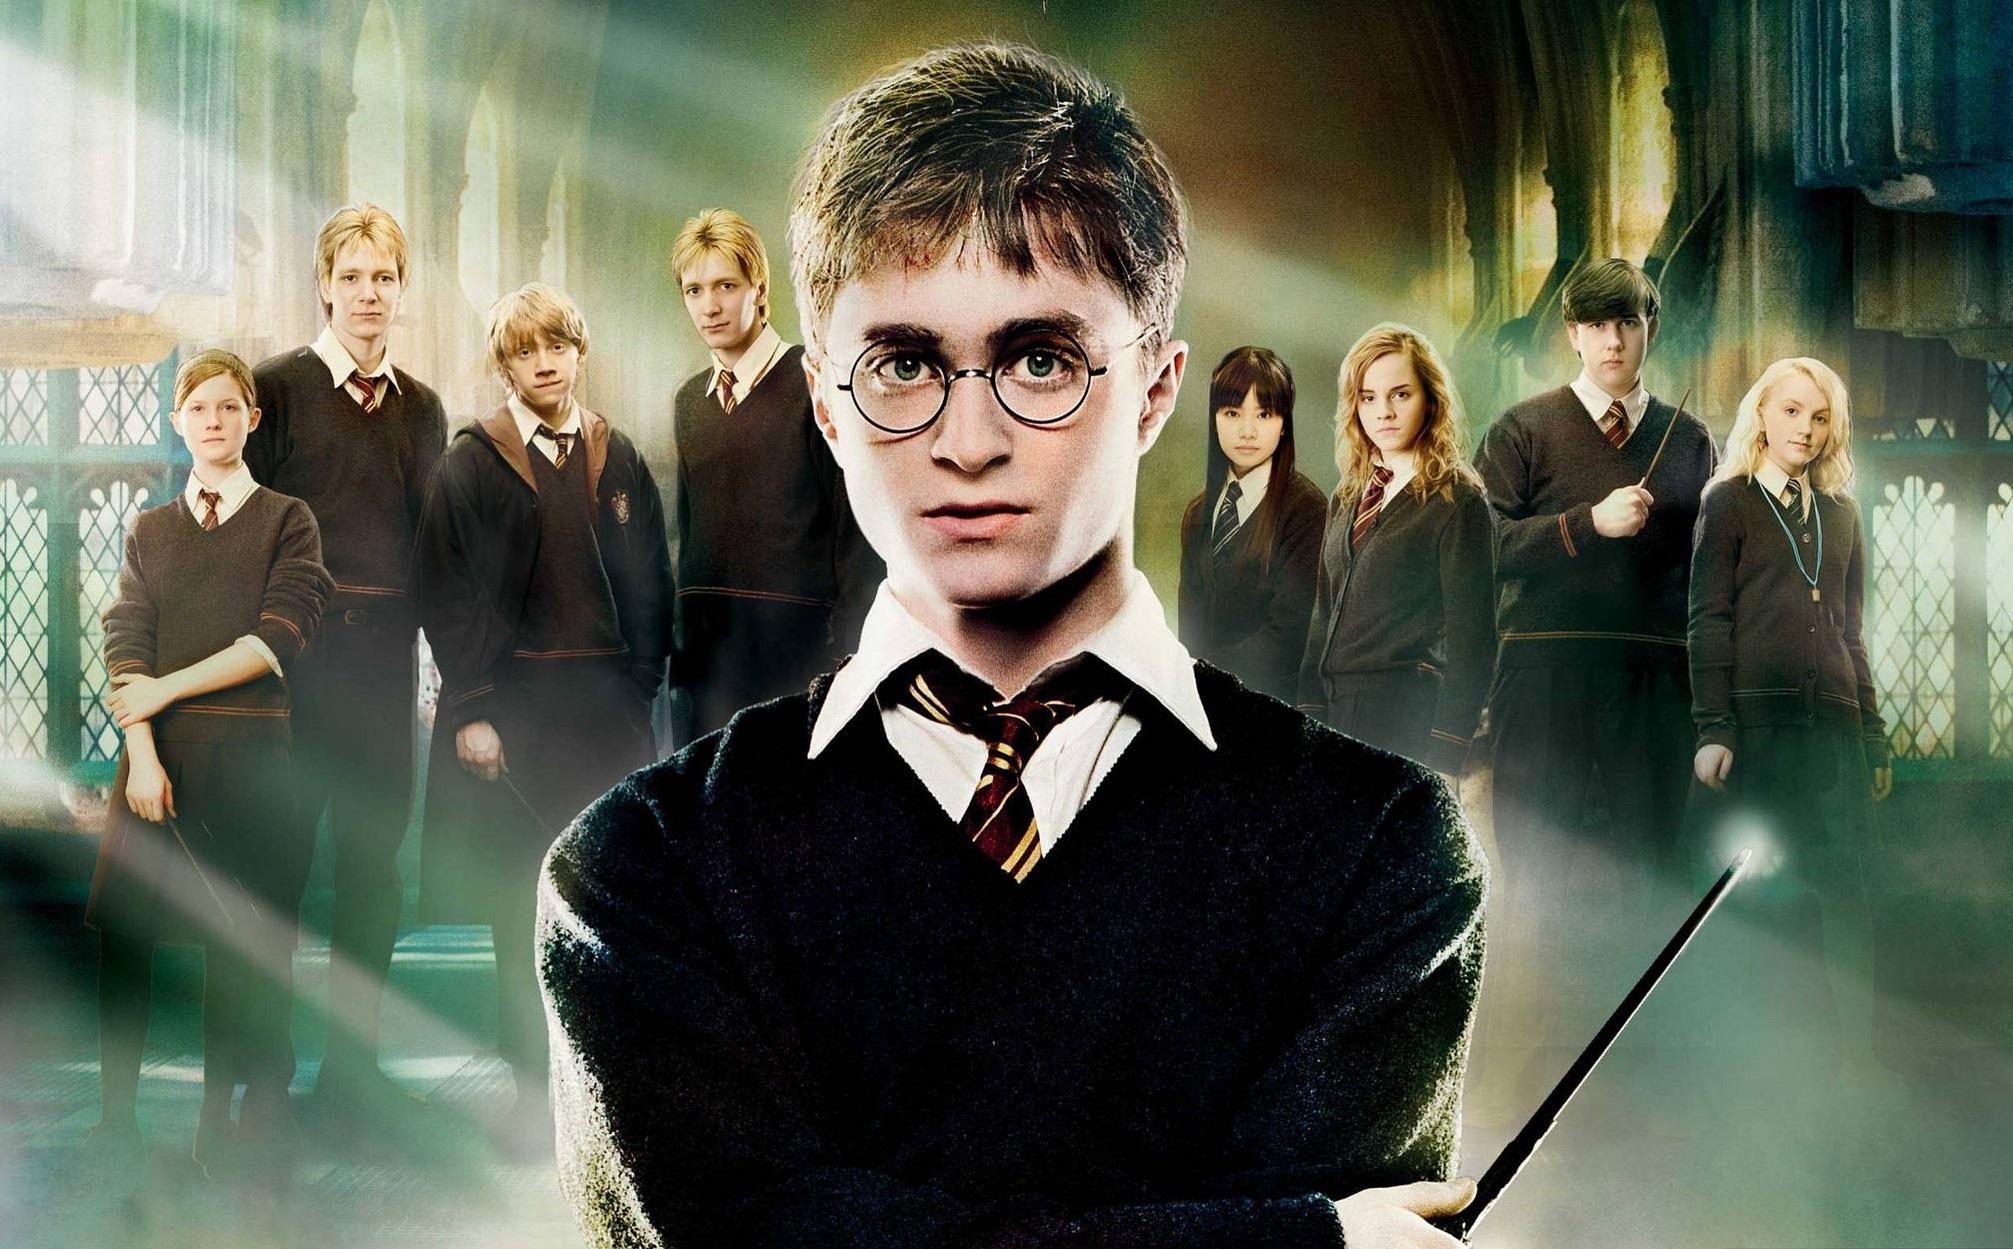 Теории о вселенной Гарри Поттера